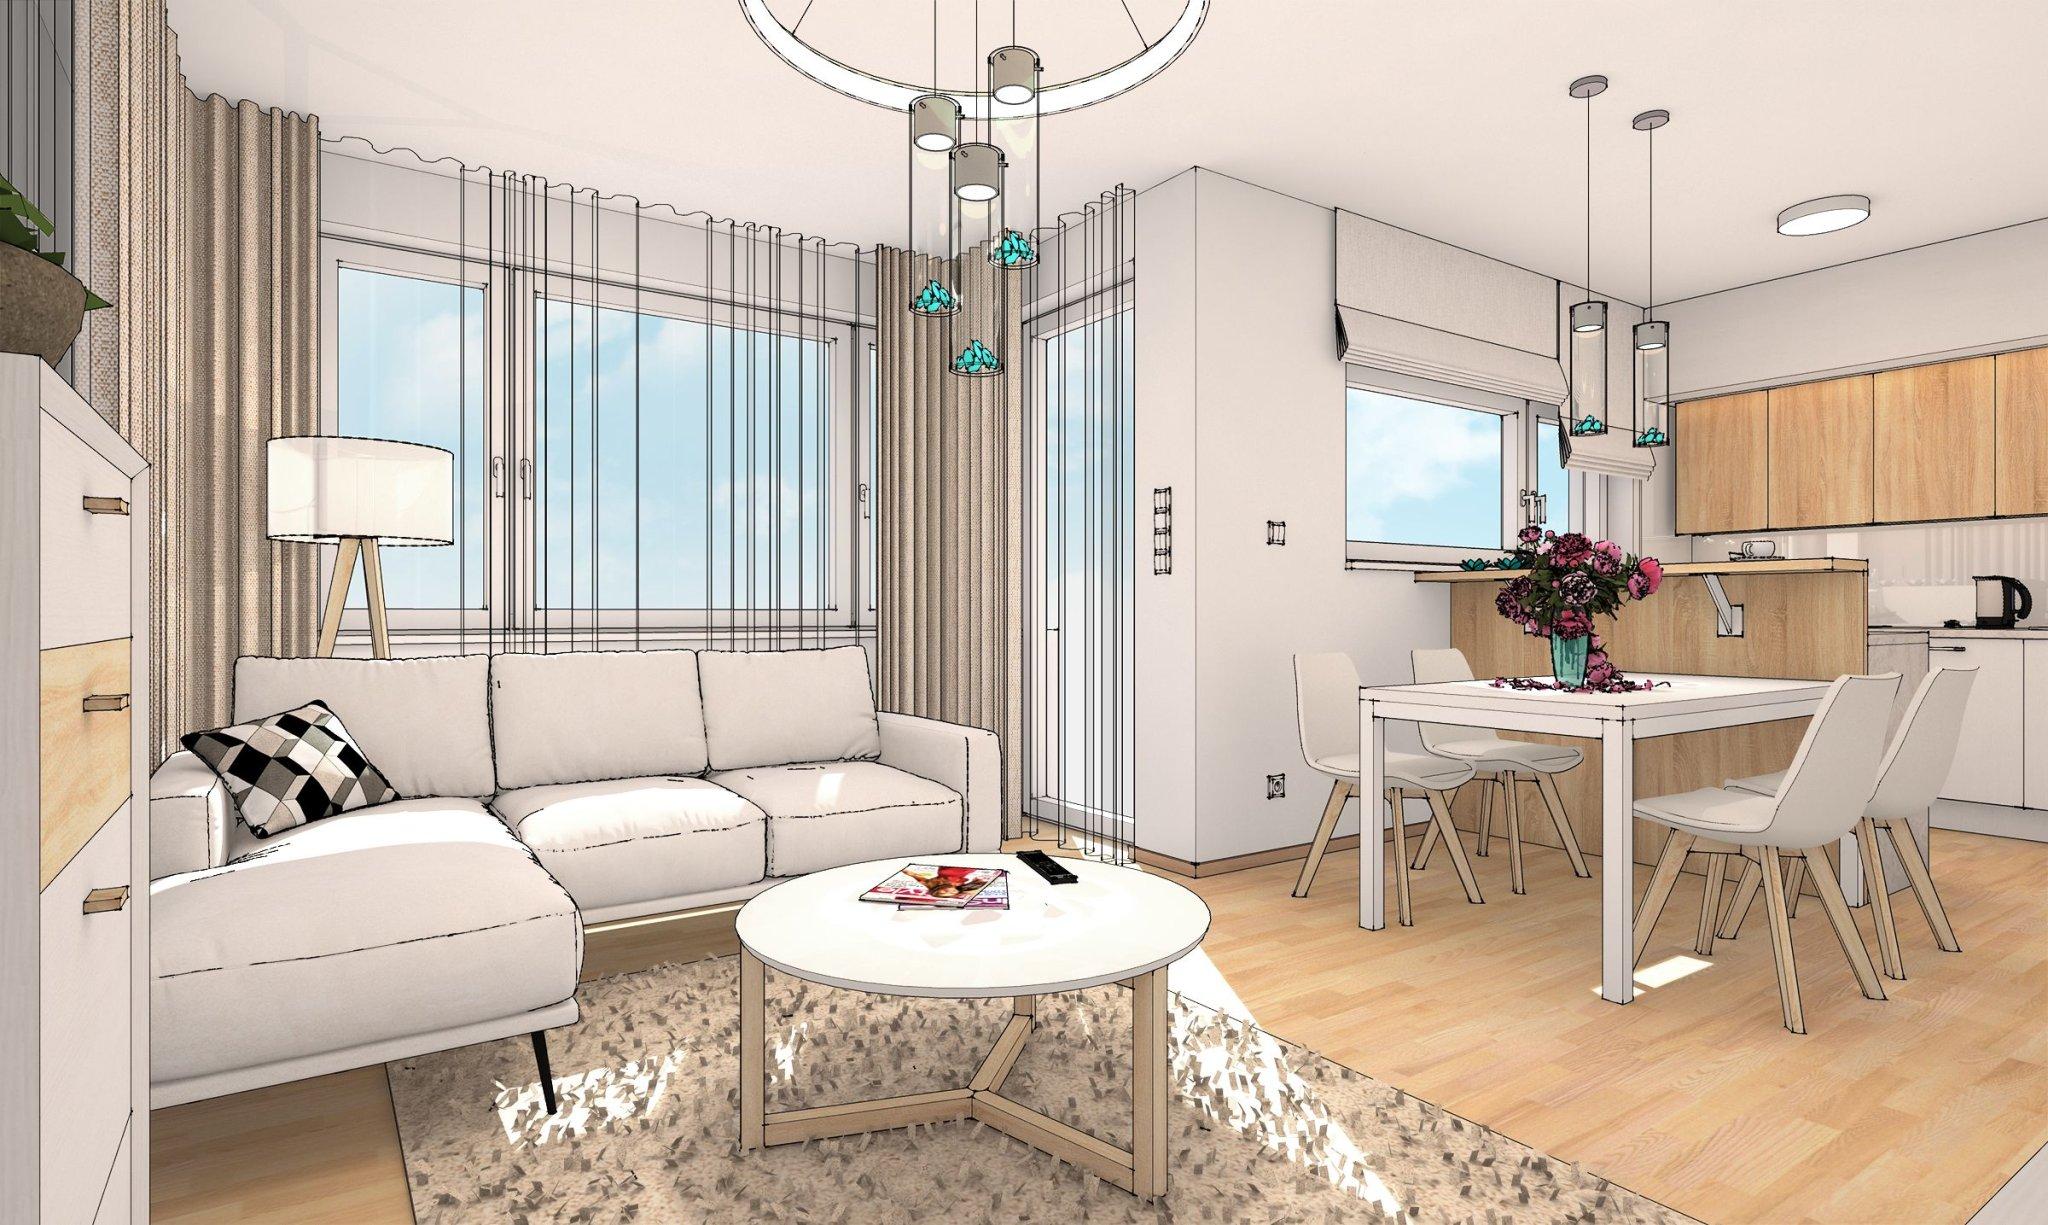 návrh interiéru obytného prostoru bytu